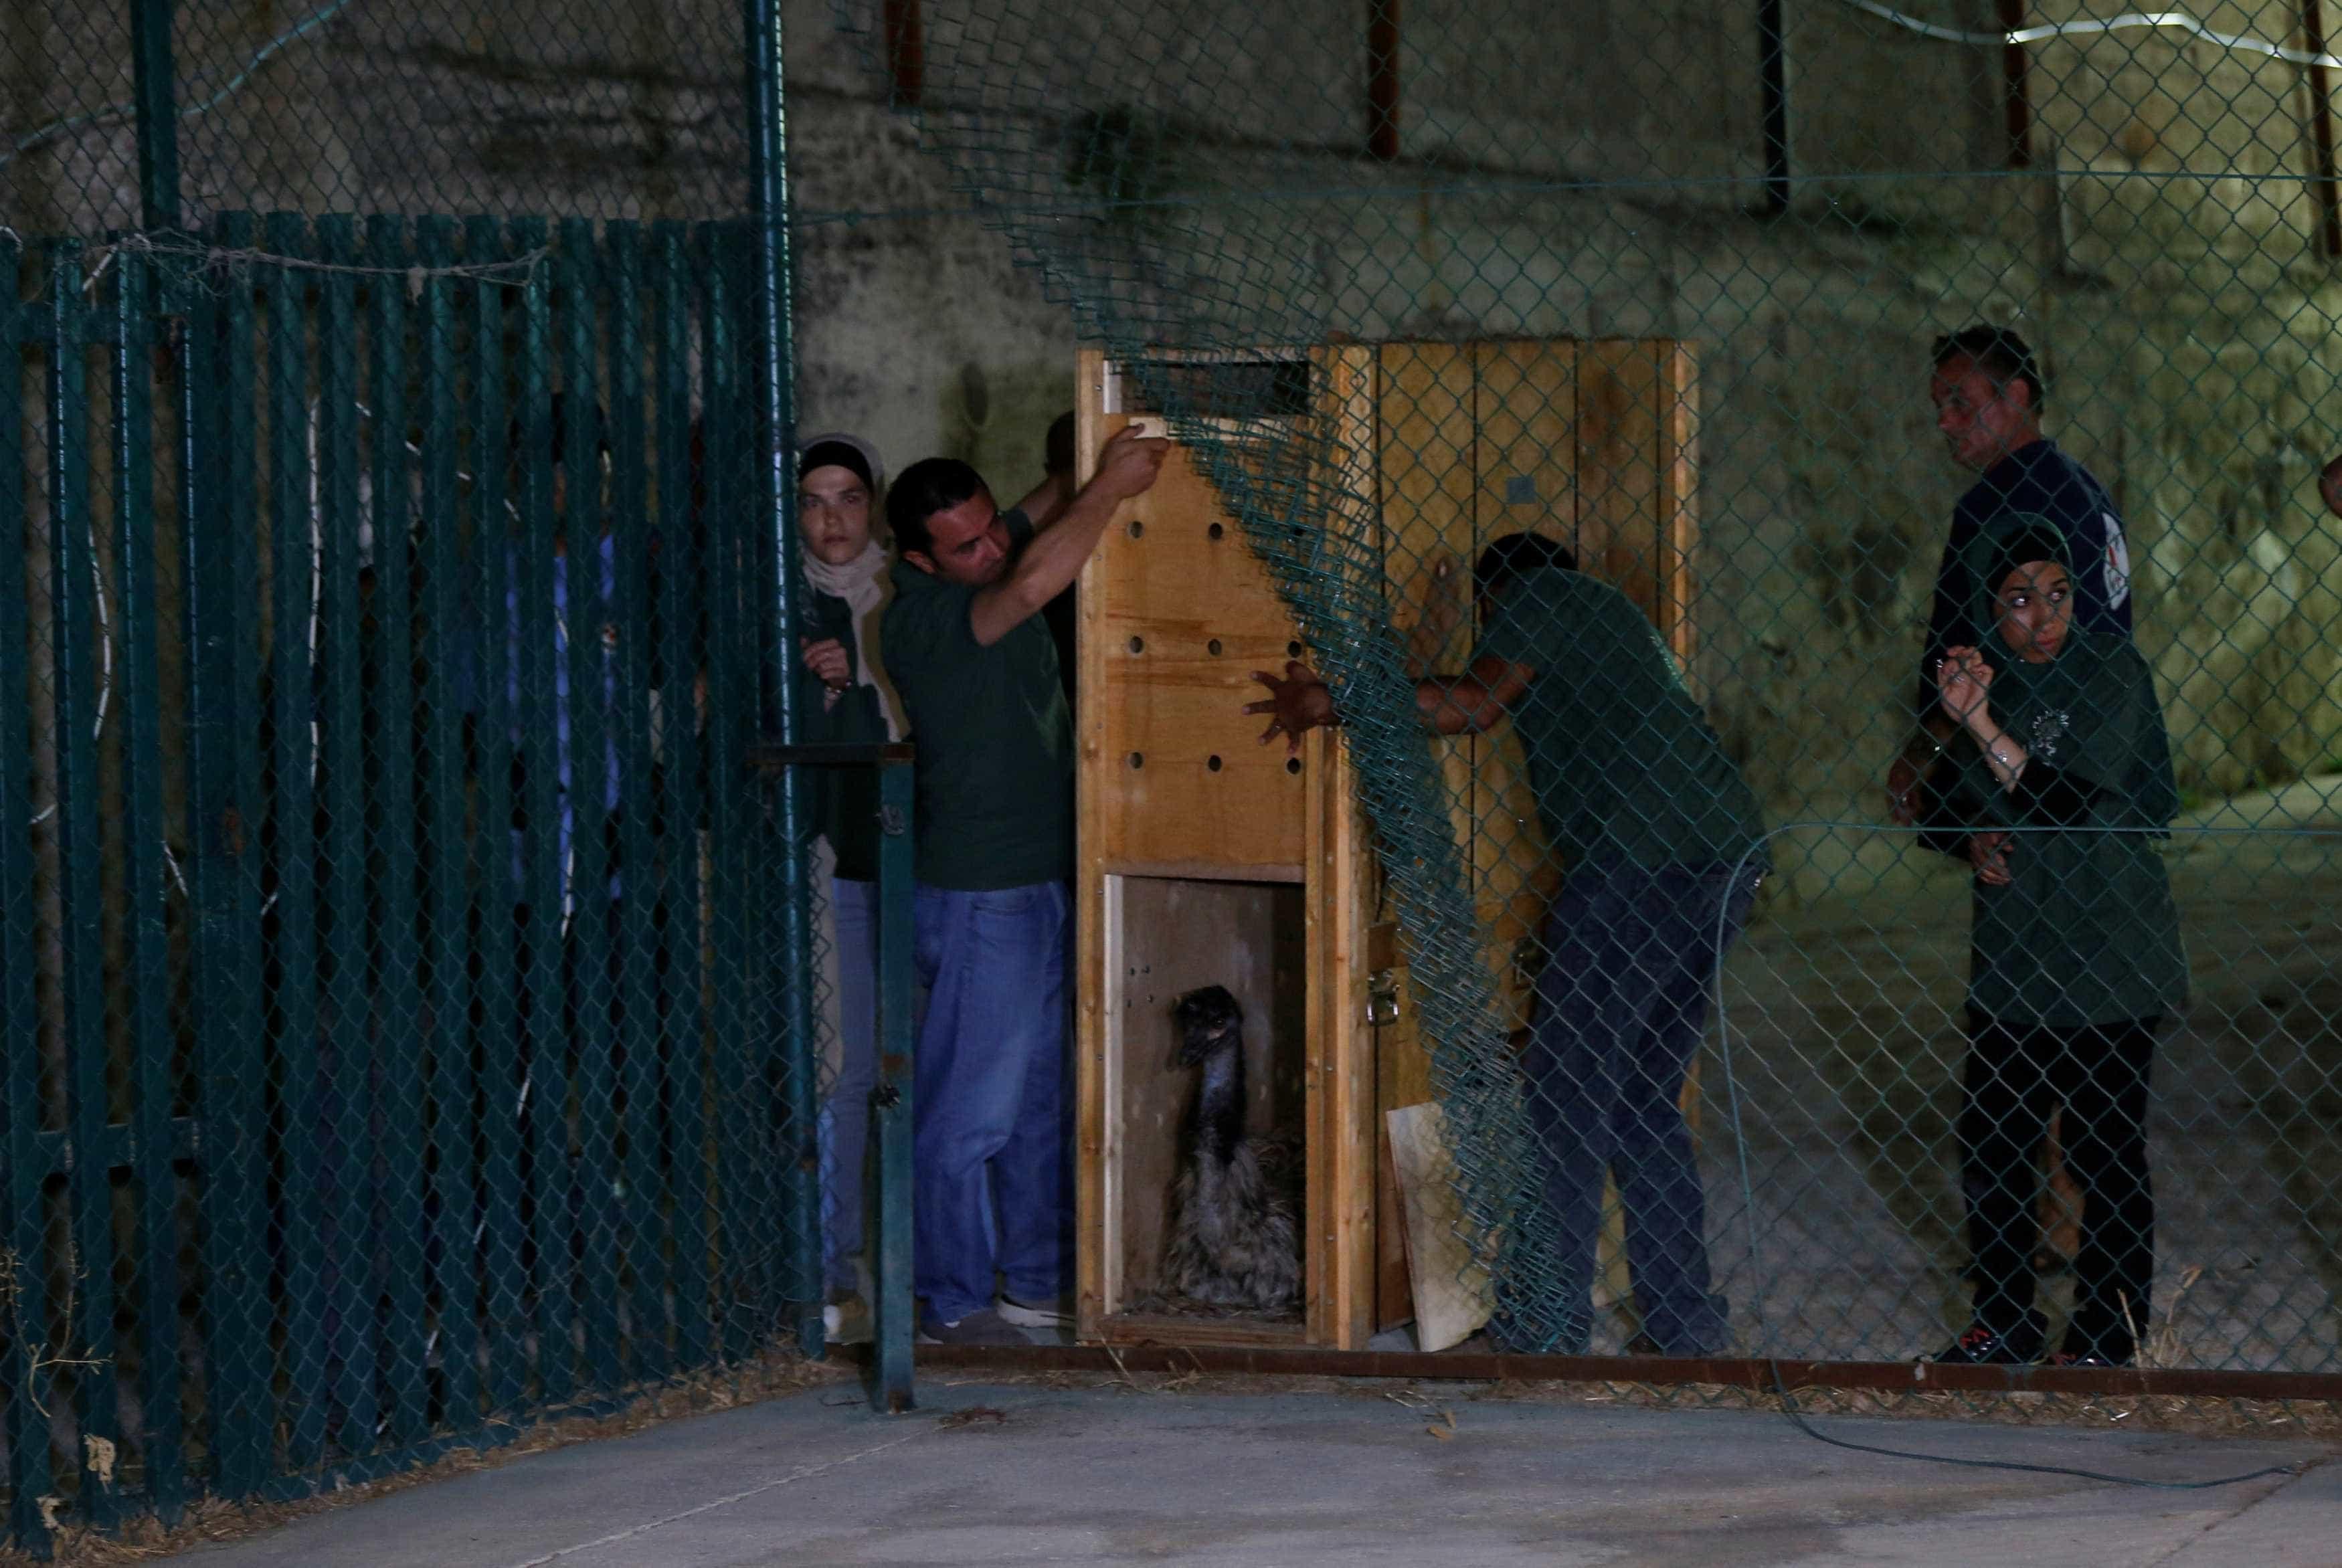 Sobreviveram ao 'pior zoo do mundo'. Agora têm nova esperança